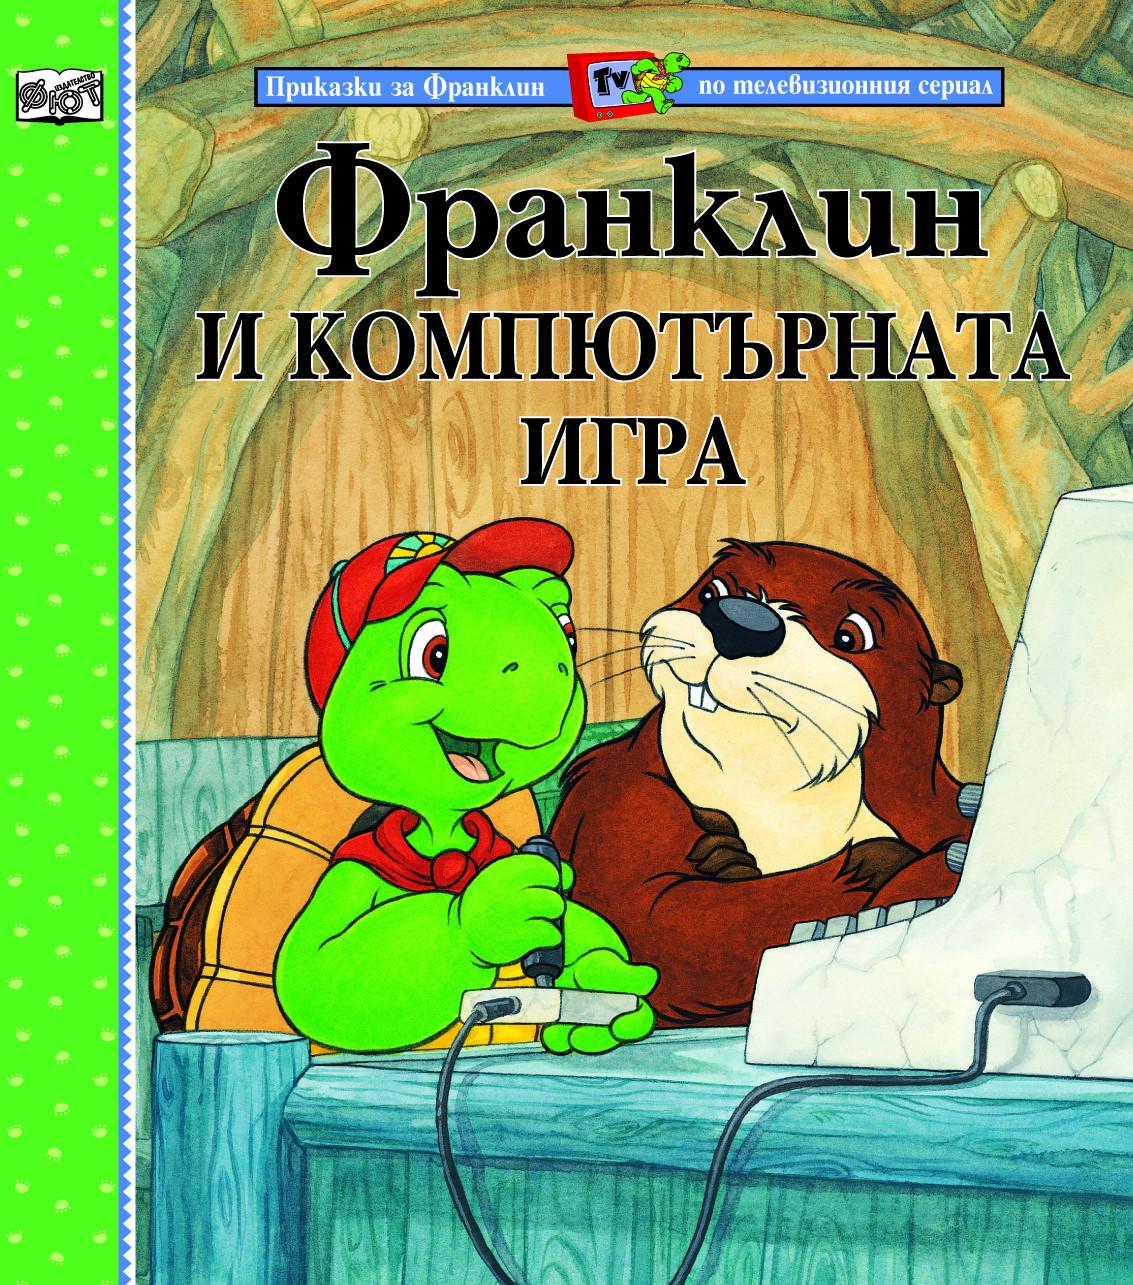 Приказки за Франклин по телевизионния сериал: Франклин и компютърната игра (